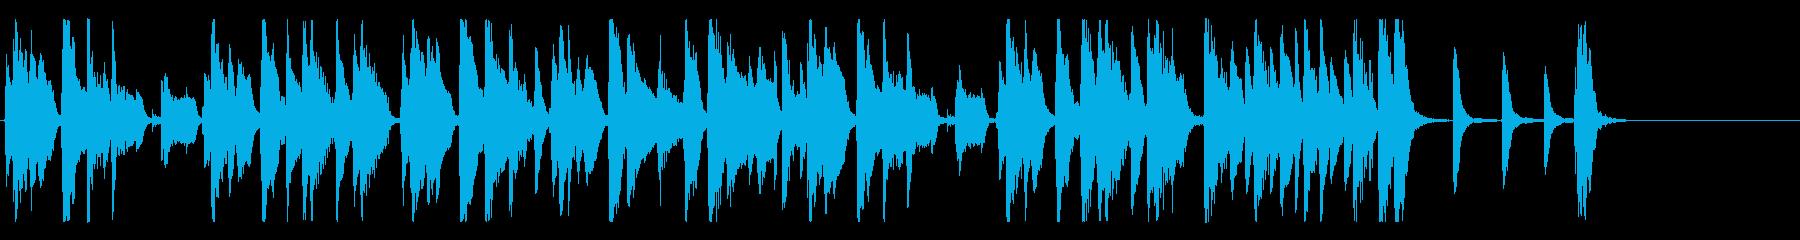 お洒落でリズミカルなジャズピアノ25秒の再生済みの波形